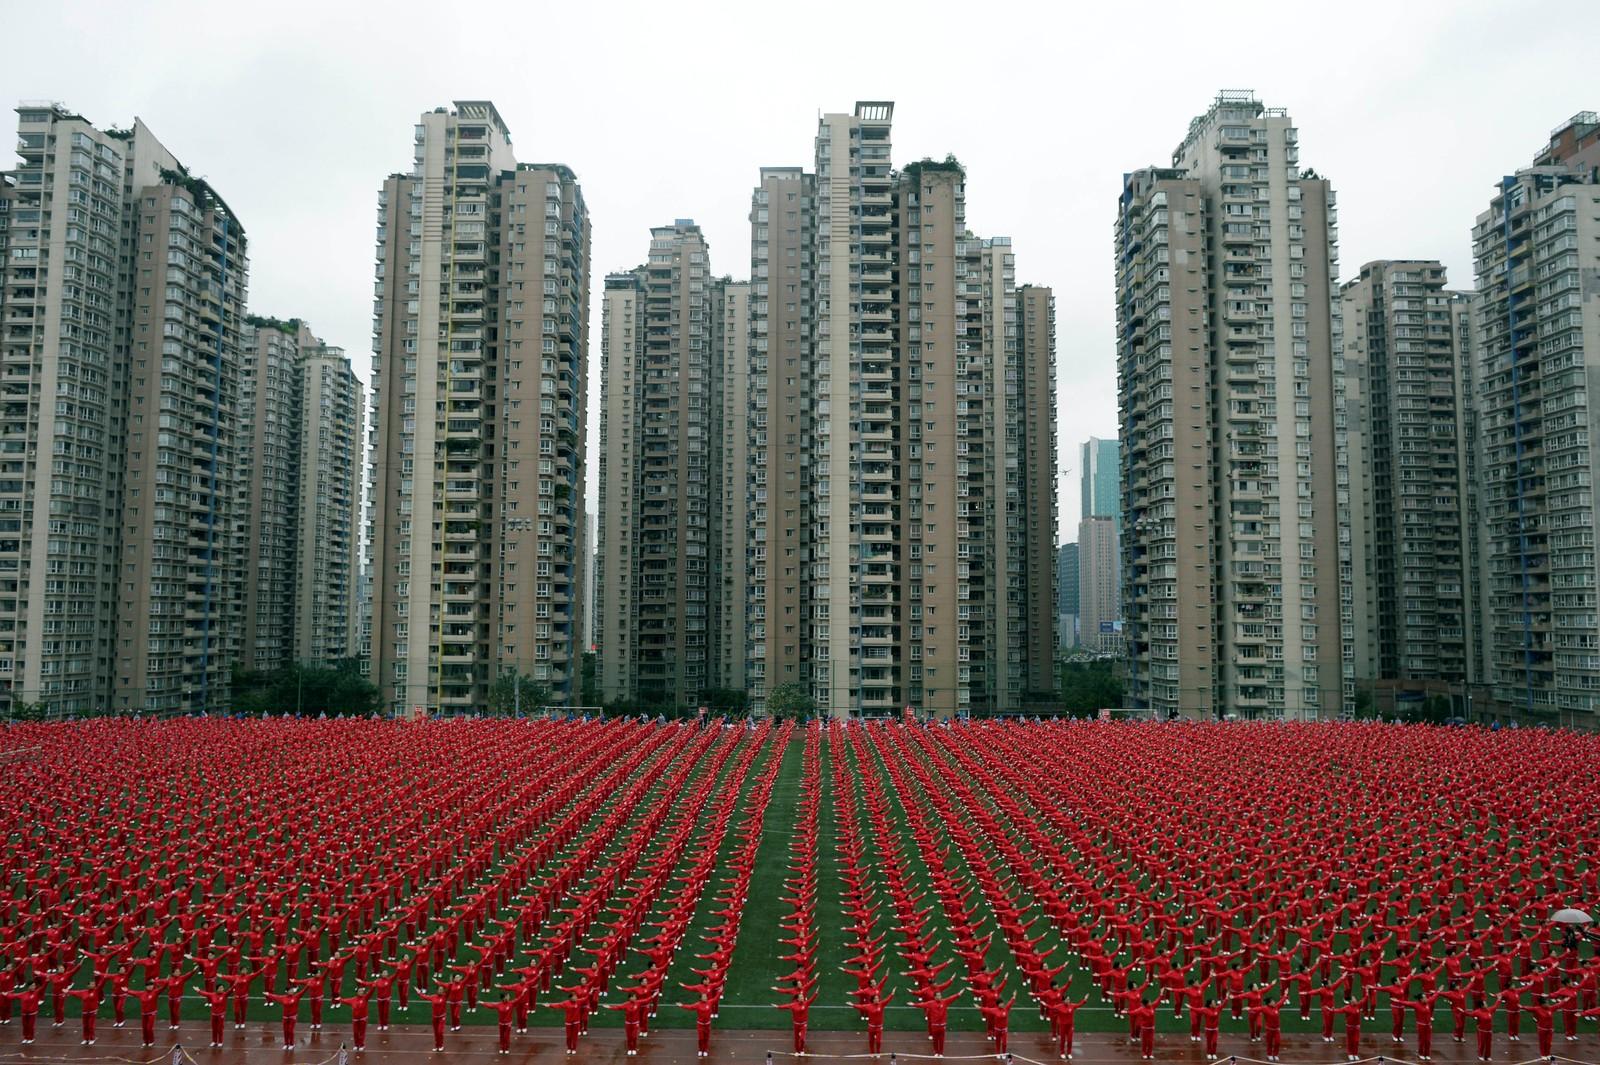 50.085 mennesker i 14 kinesiske byer danset square dance samtidig og satte dermed verdensrekord.